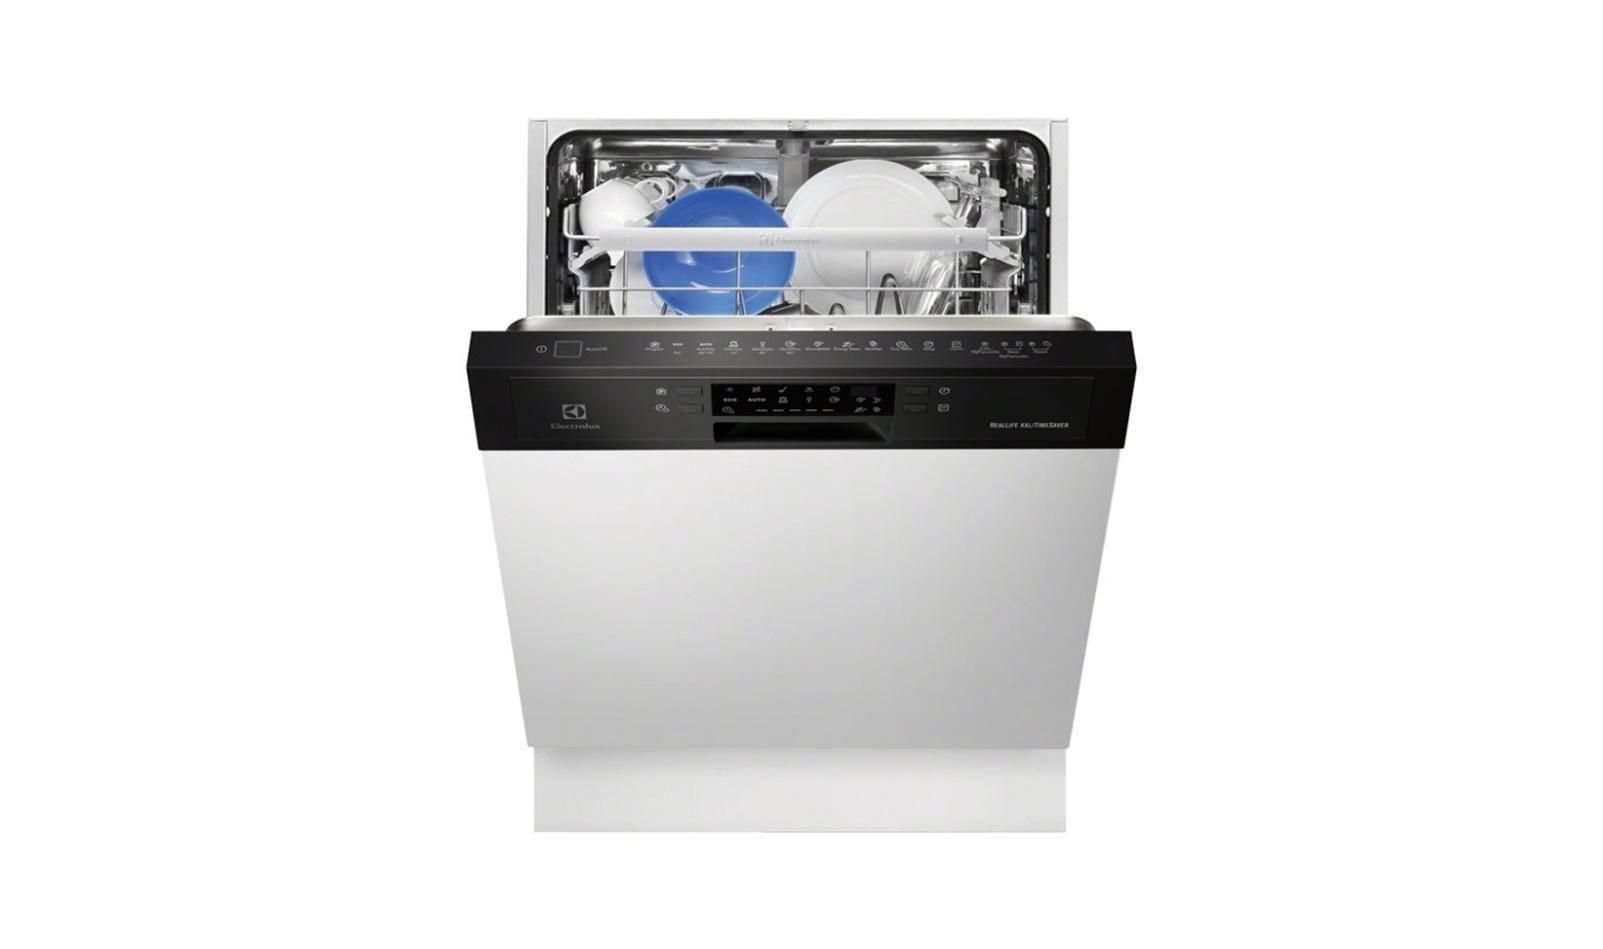 Как пользоваться посудомоечной машиной — подробные инструкции